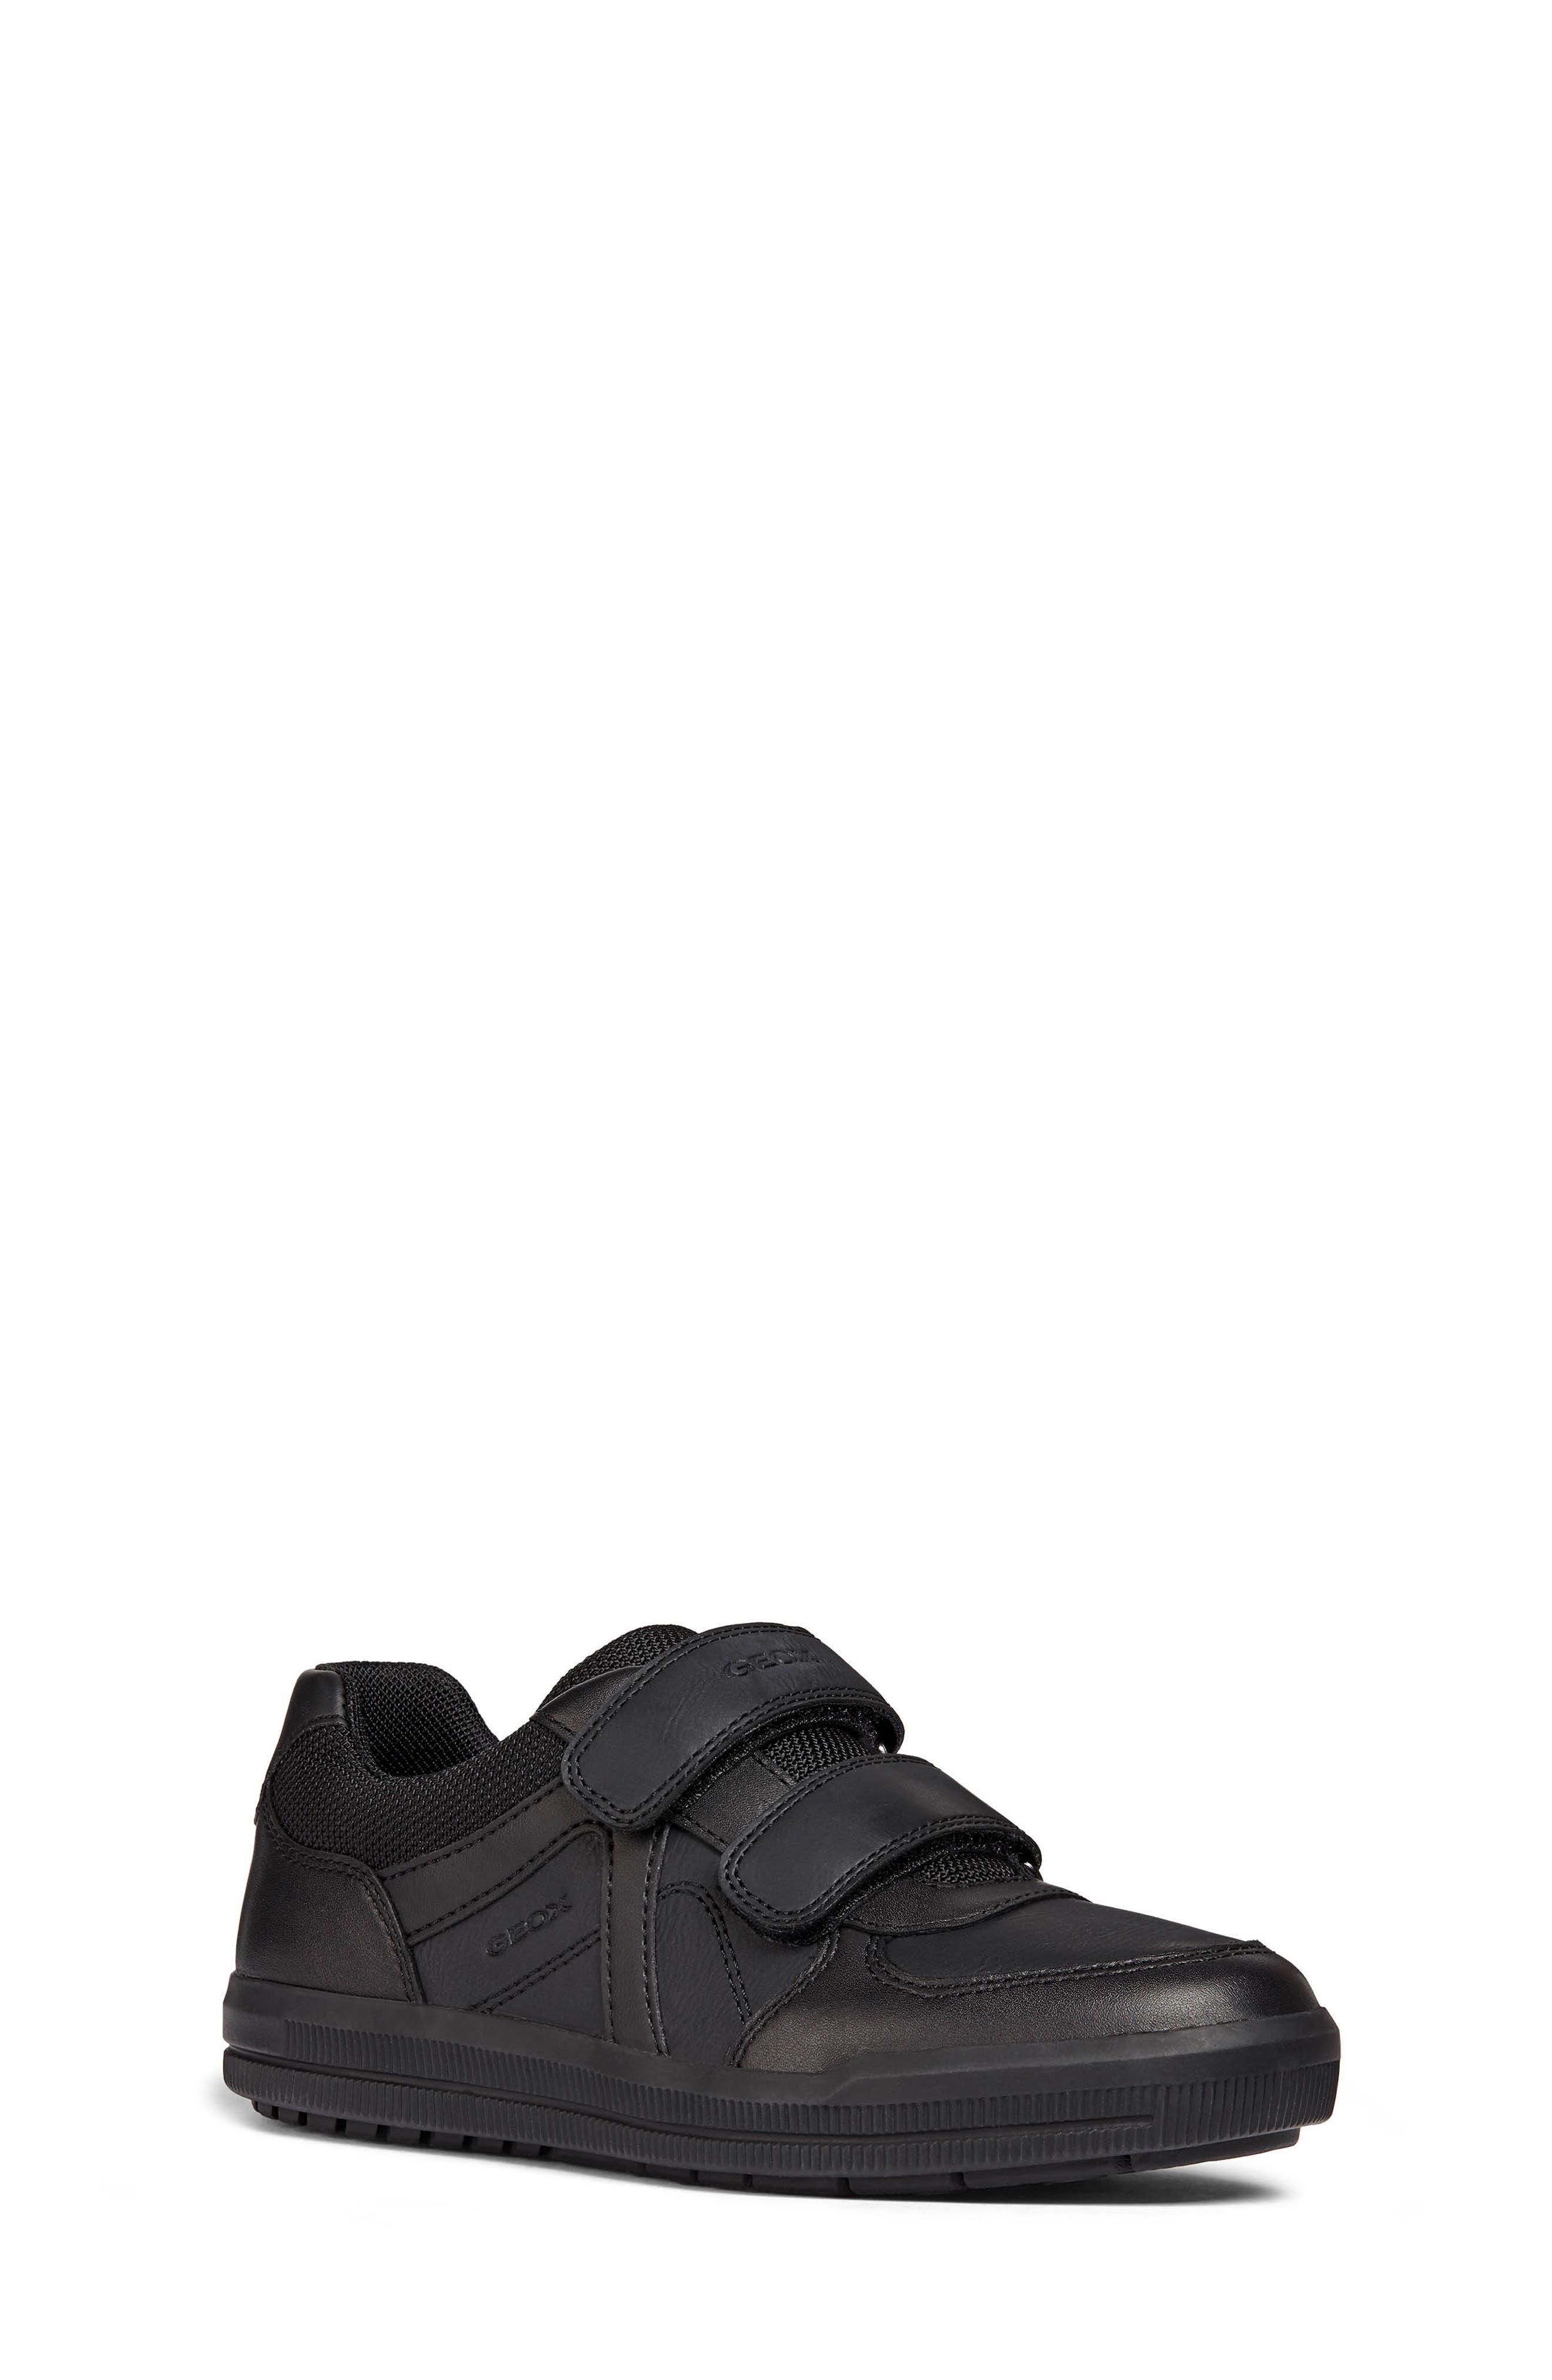 Arzach Sneaker,                         Main,                         color, BLACK